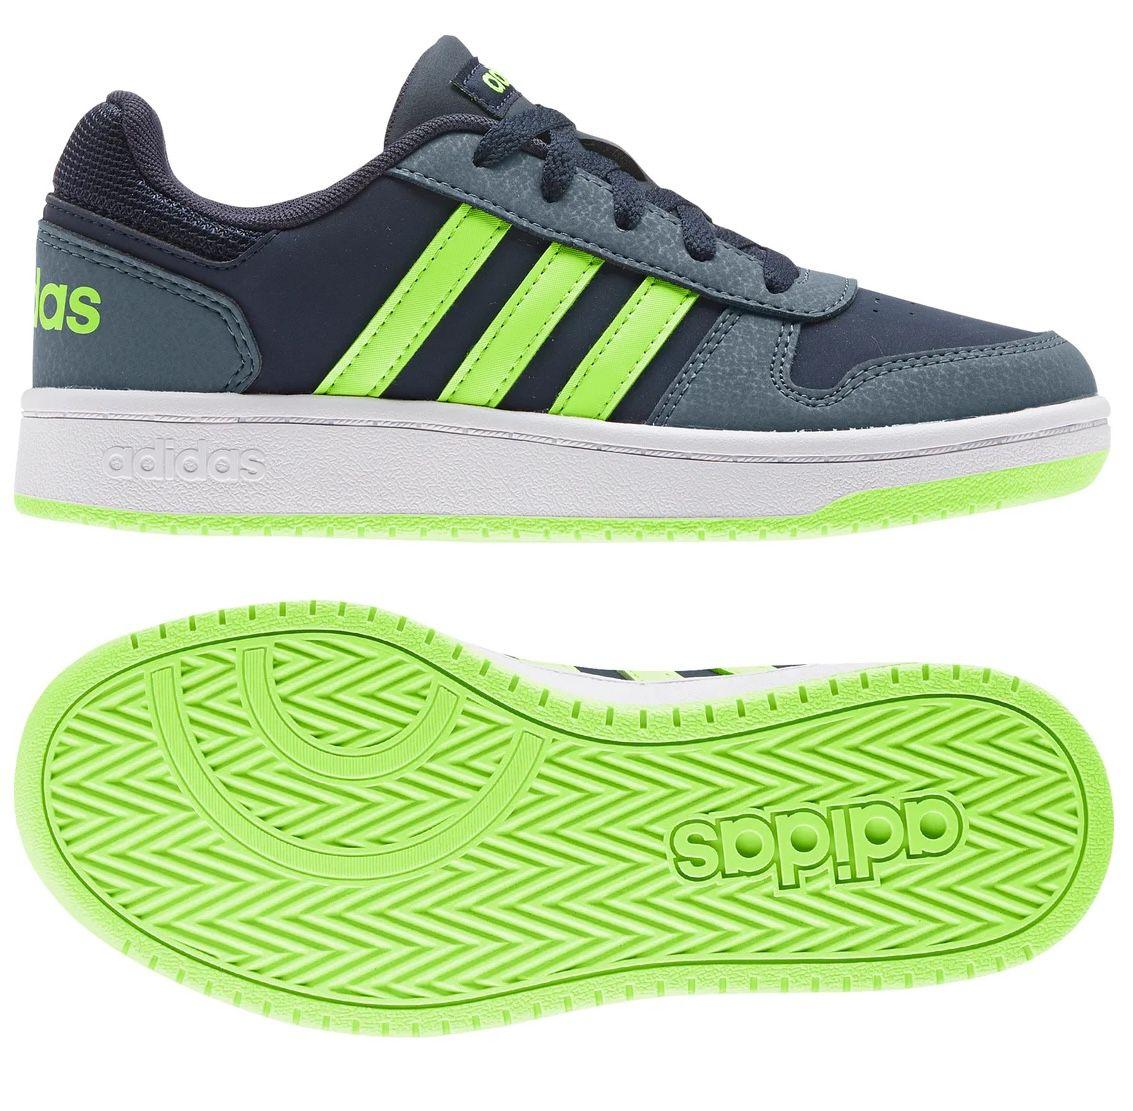 adidas Hoops 2.0 Kids-Sneaker aus Nubukleder bis Größe 40 für 21,94€(statt 35€)